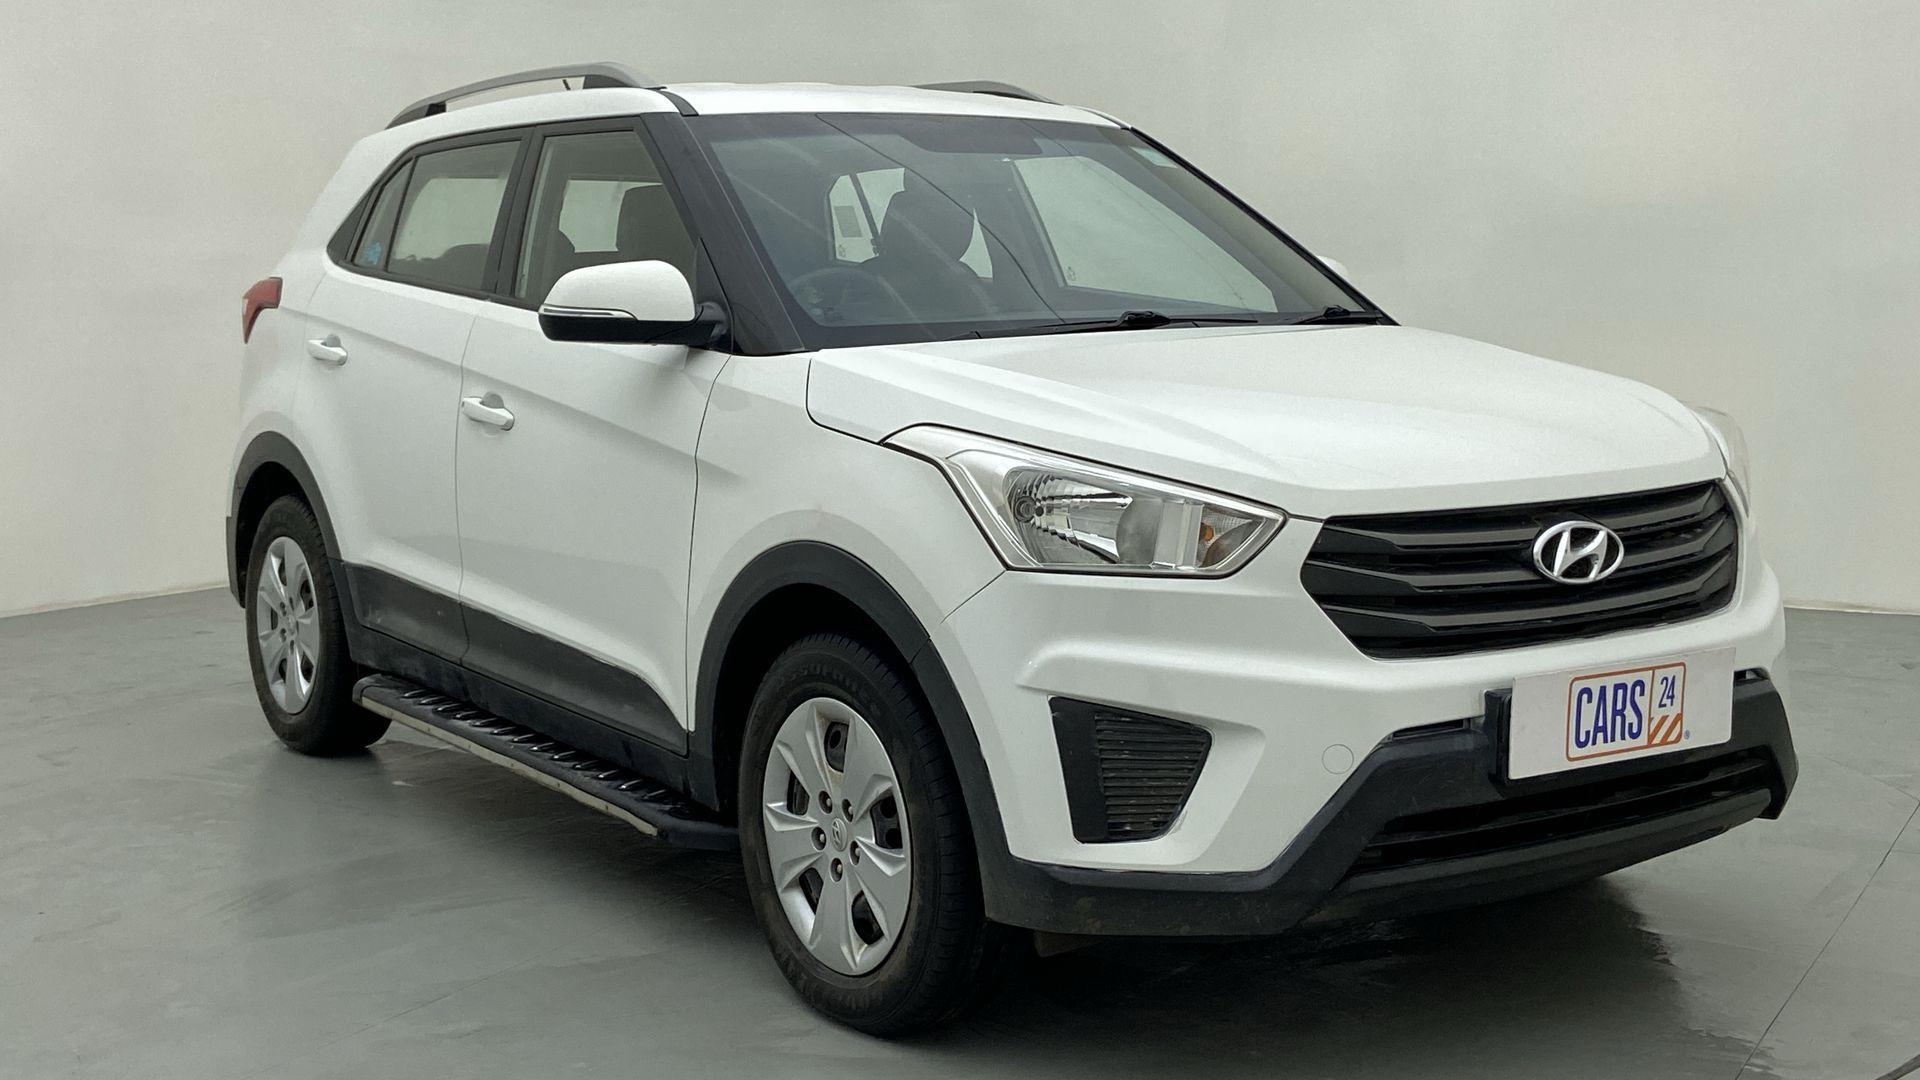 2017 Hyundai Creta 1.6 E + VTVT